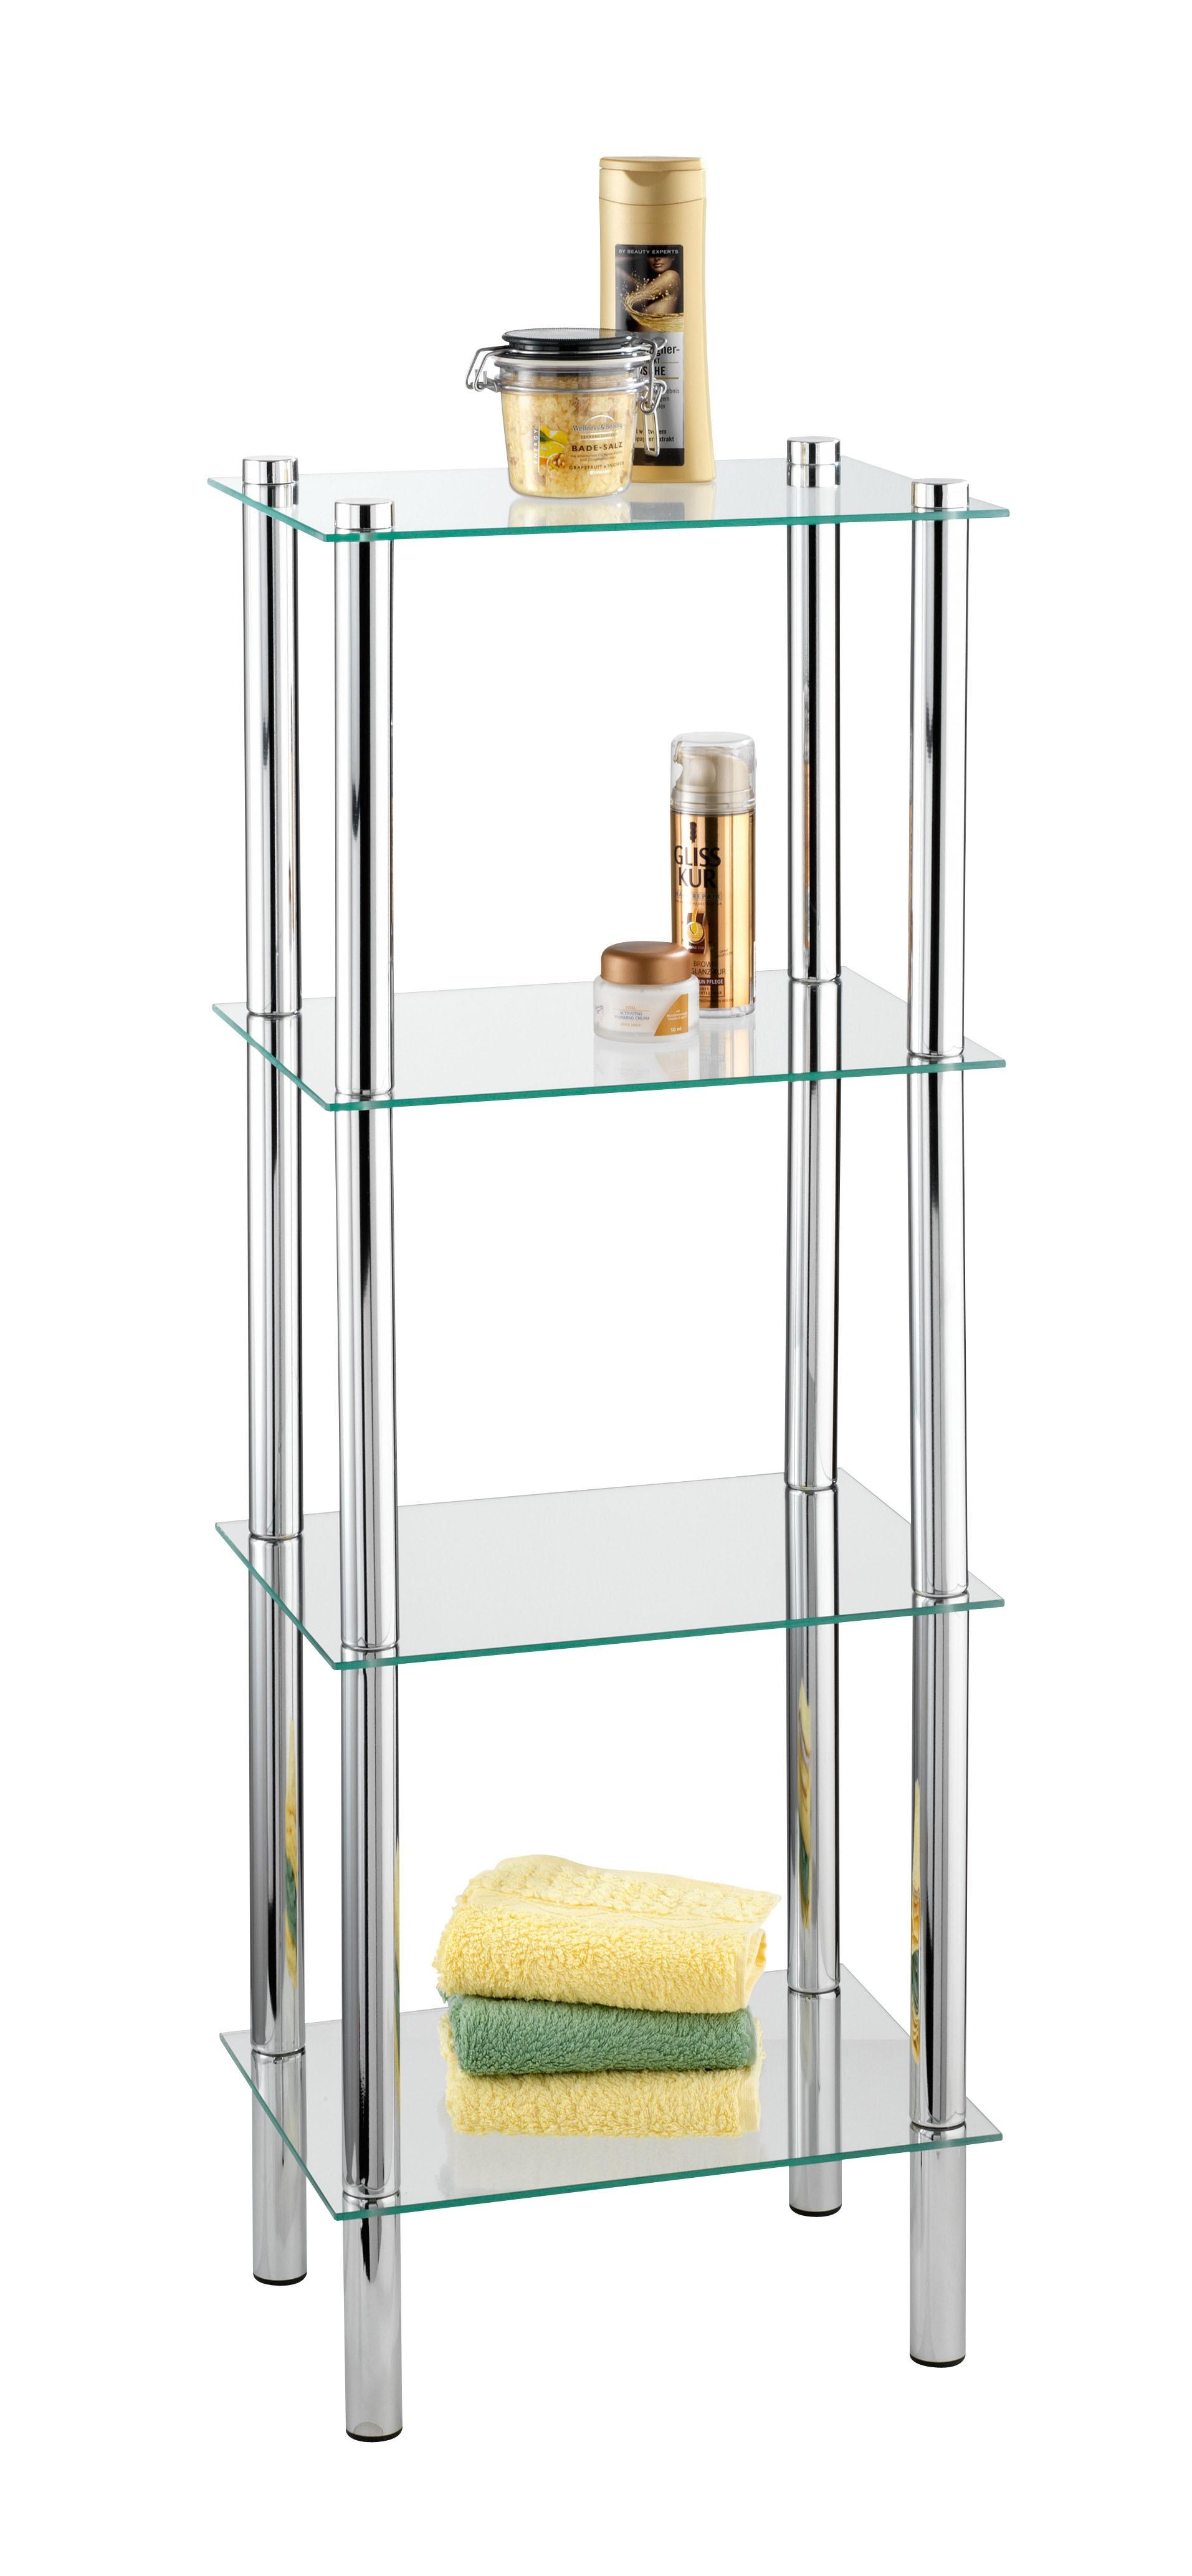 free standing glass shelves foter rh foter com chrome glass shelf support bracket chrome glass shelving